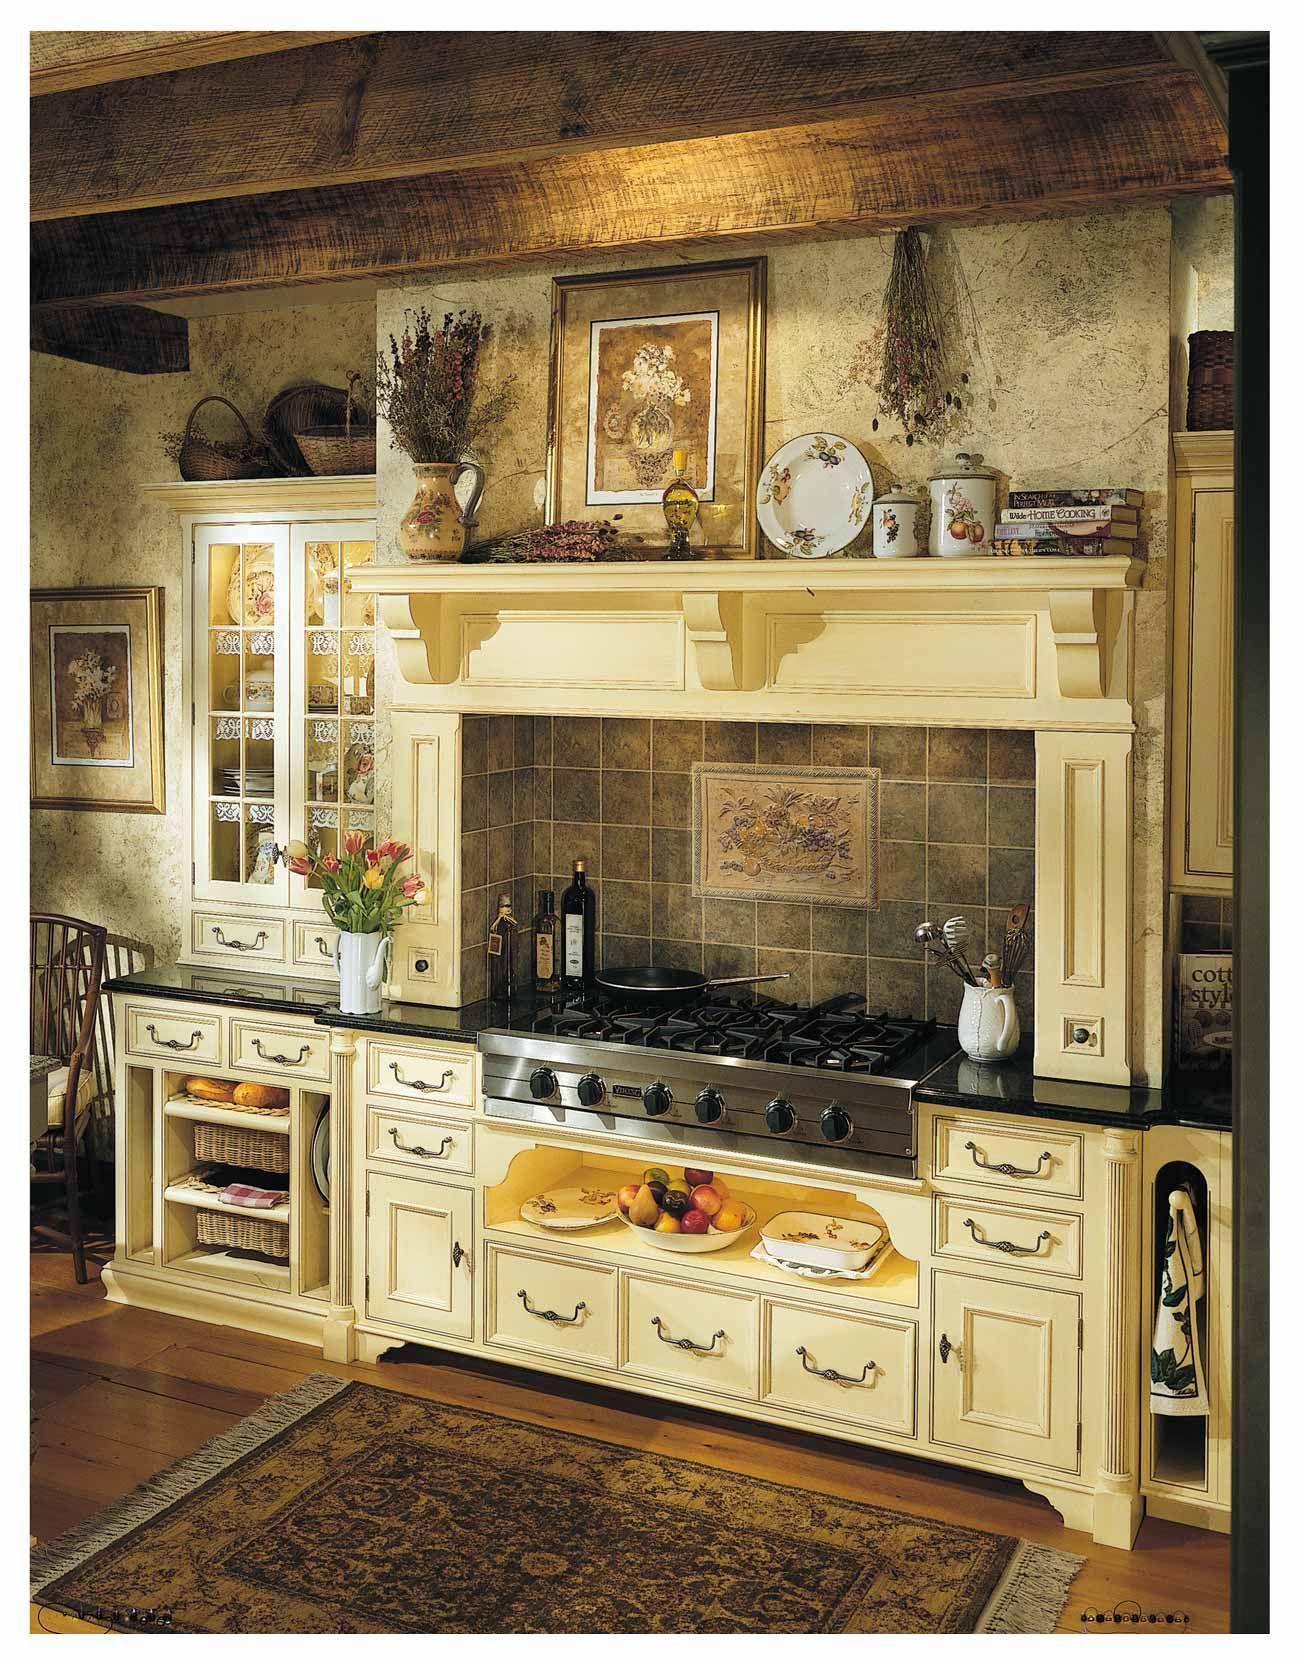 Perfecto Colores Populares Para Pintar Muebles De Cocina Bosquejo ...